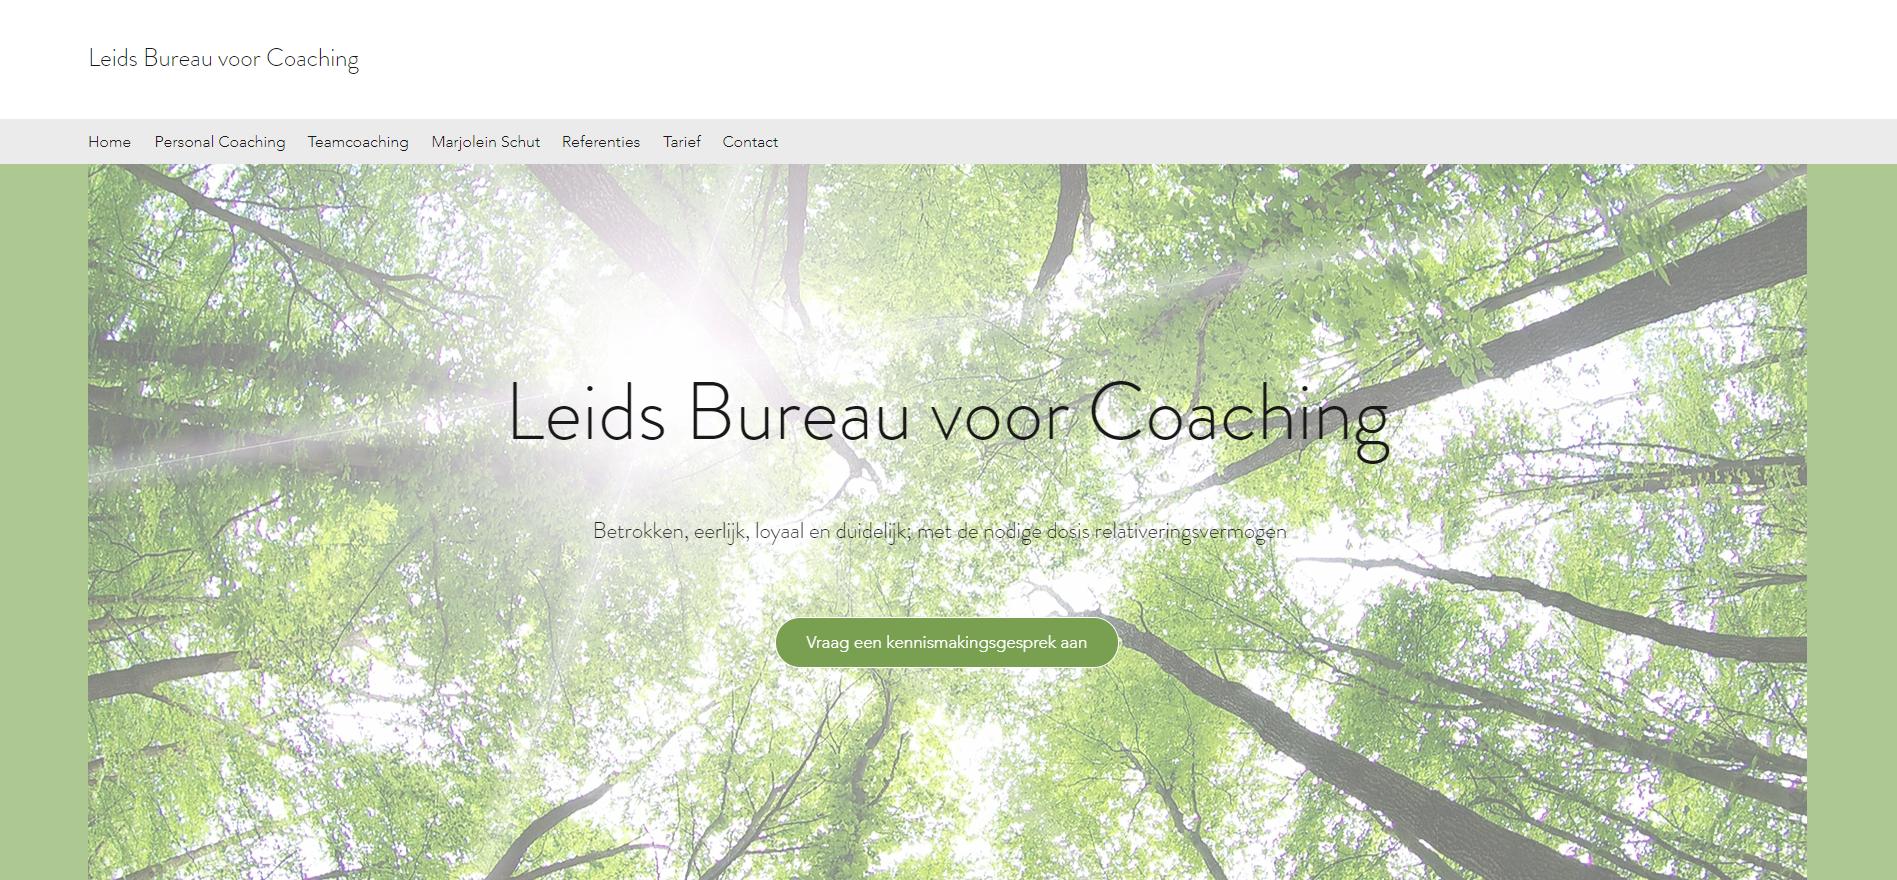 Leids bureau voor coaching - Leiden, Nederland